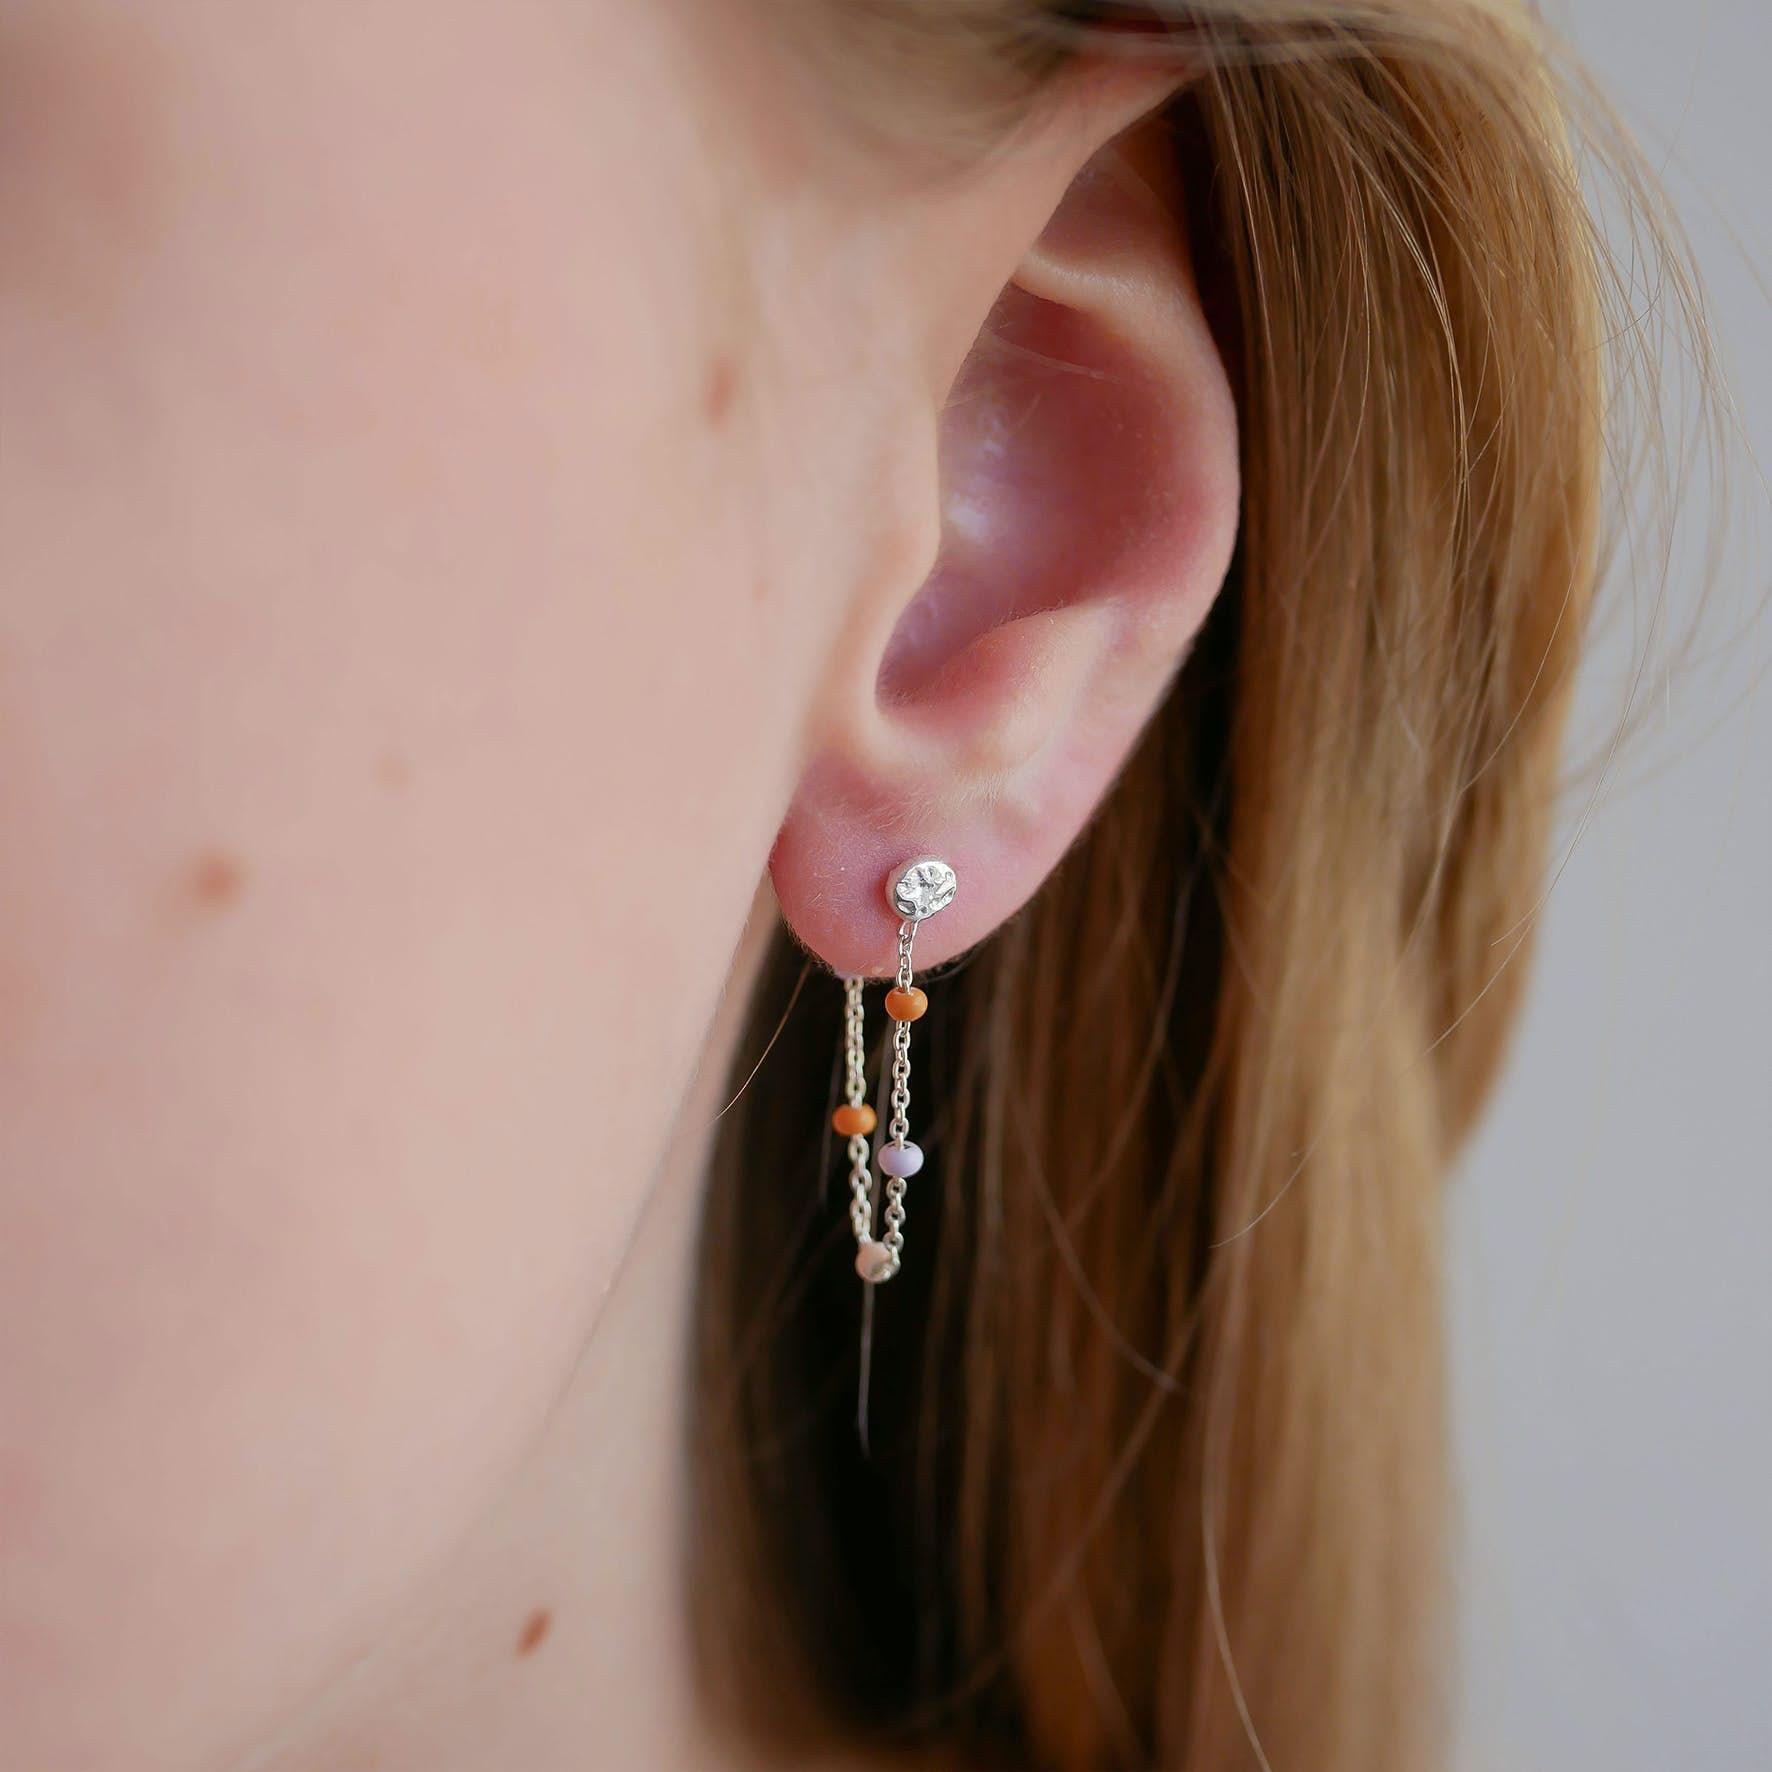 Lola Earrings Heavenly fra Enamel Copenhagen i Sølv Sterling 925